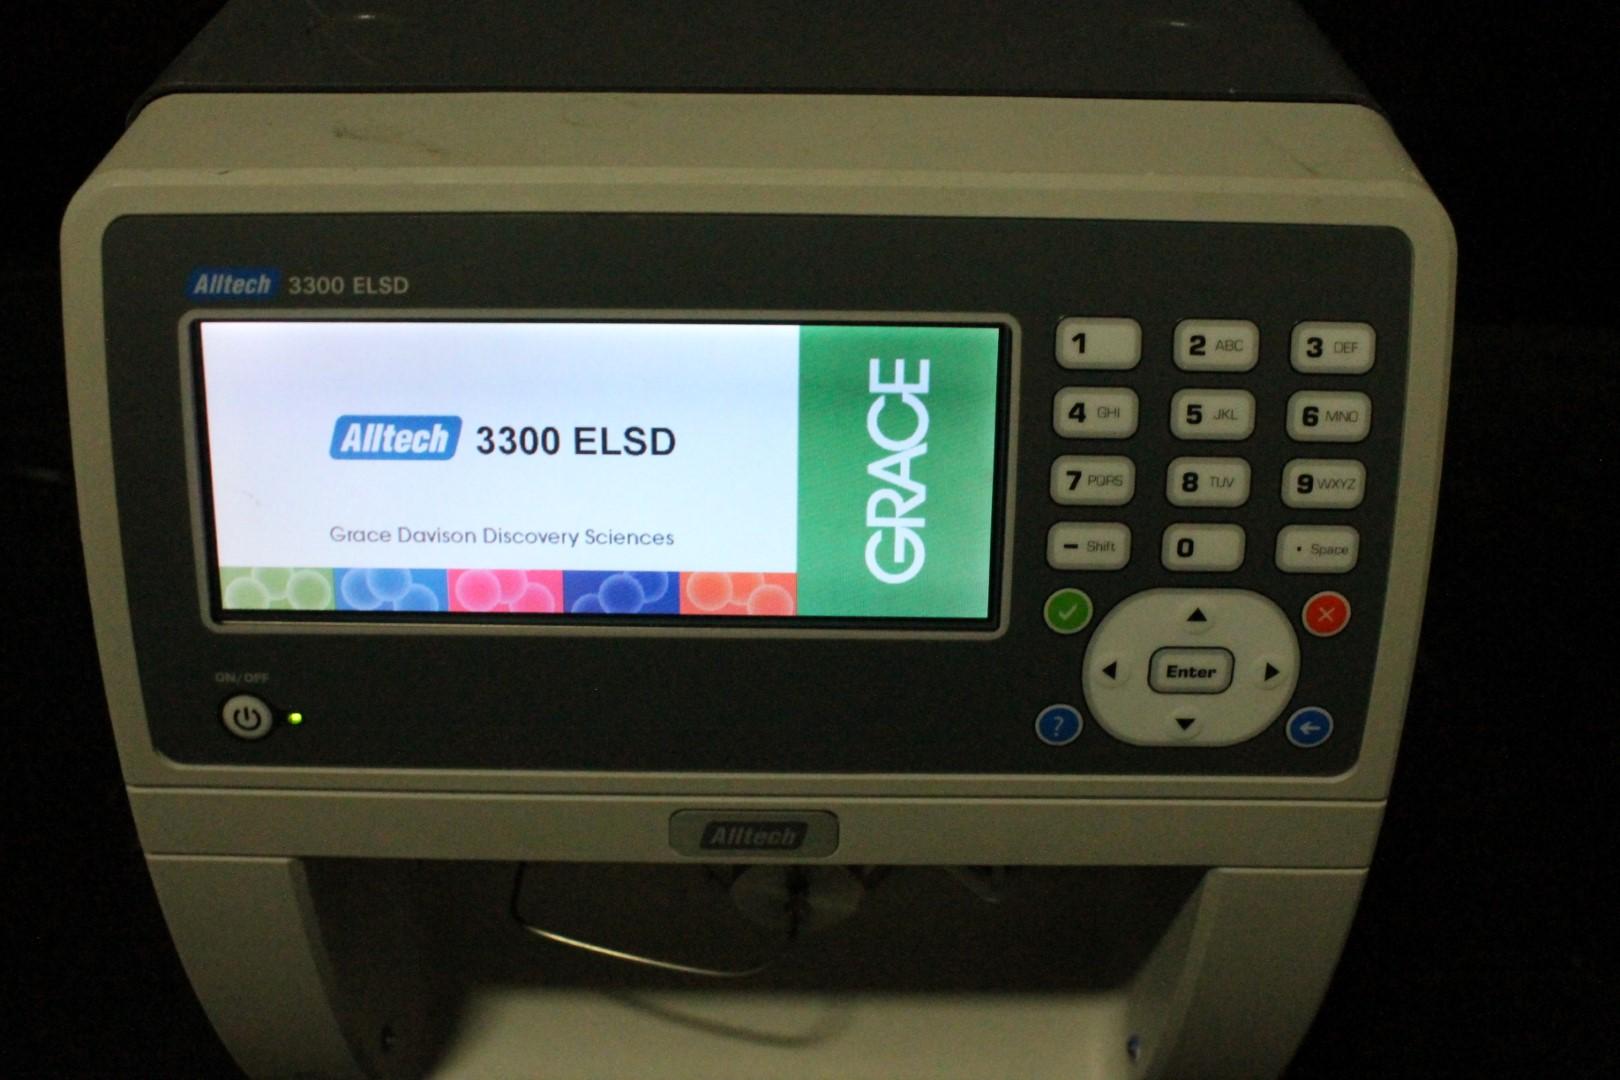 Alltech 3300 Elsd Evaporative Light Scattering Detector